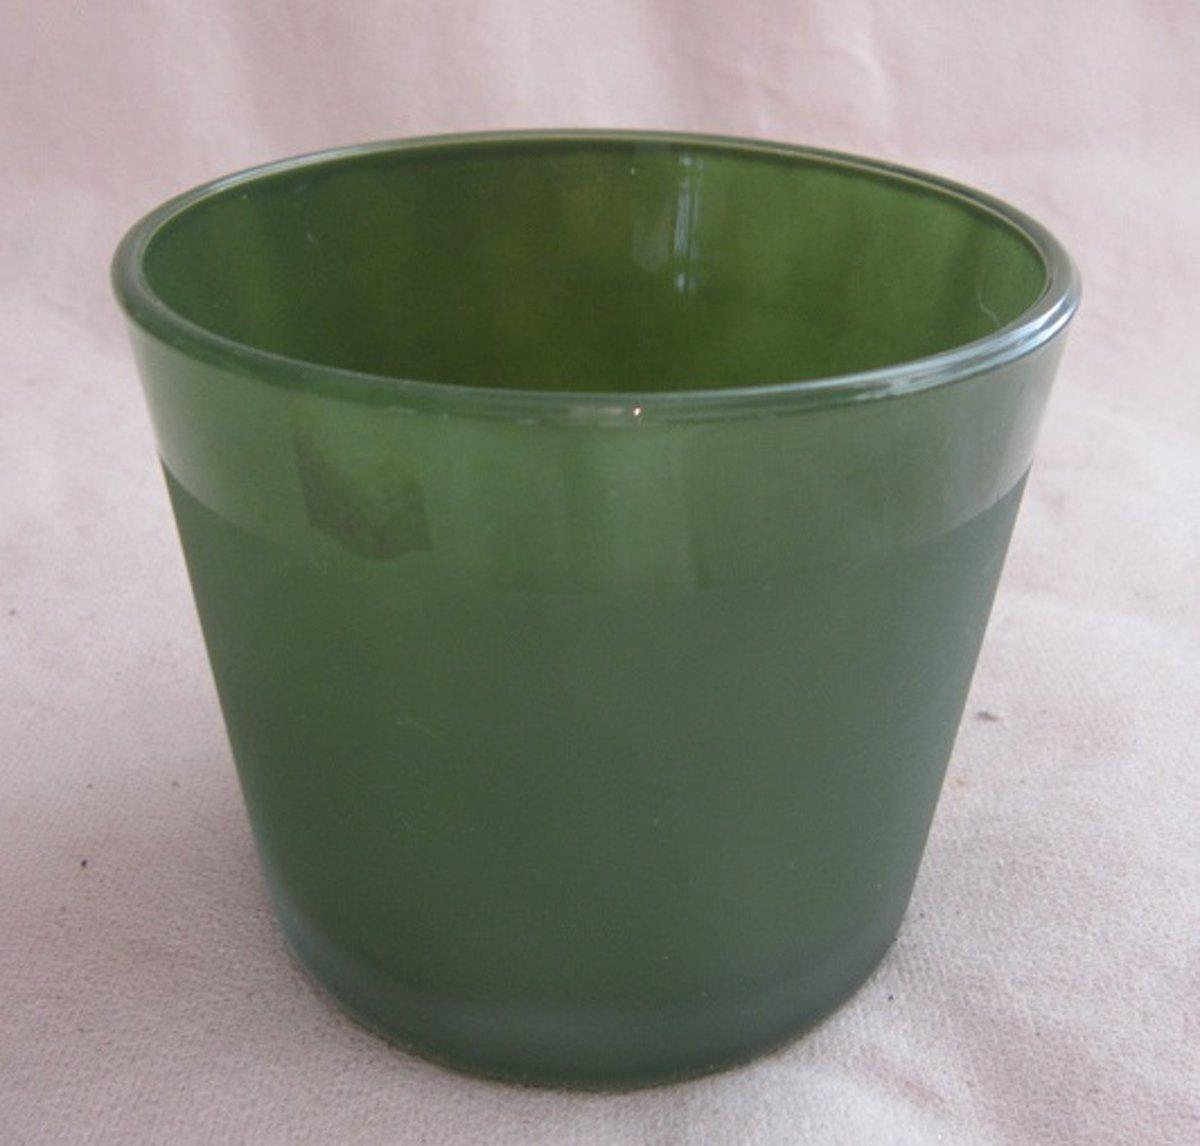 Dik glas overpot/bloempot mosgroen, 8,5 x 10 cm rond